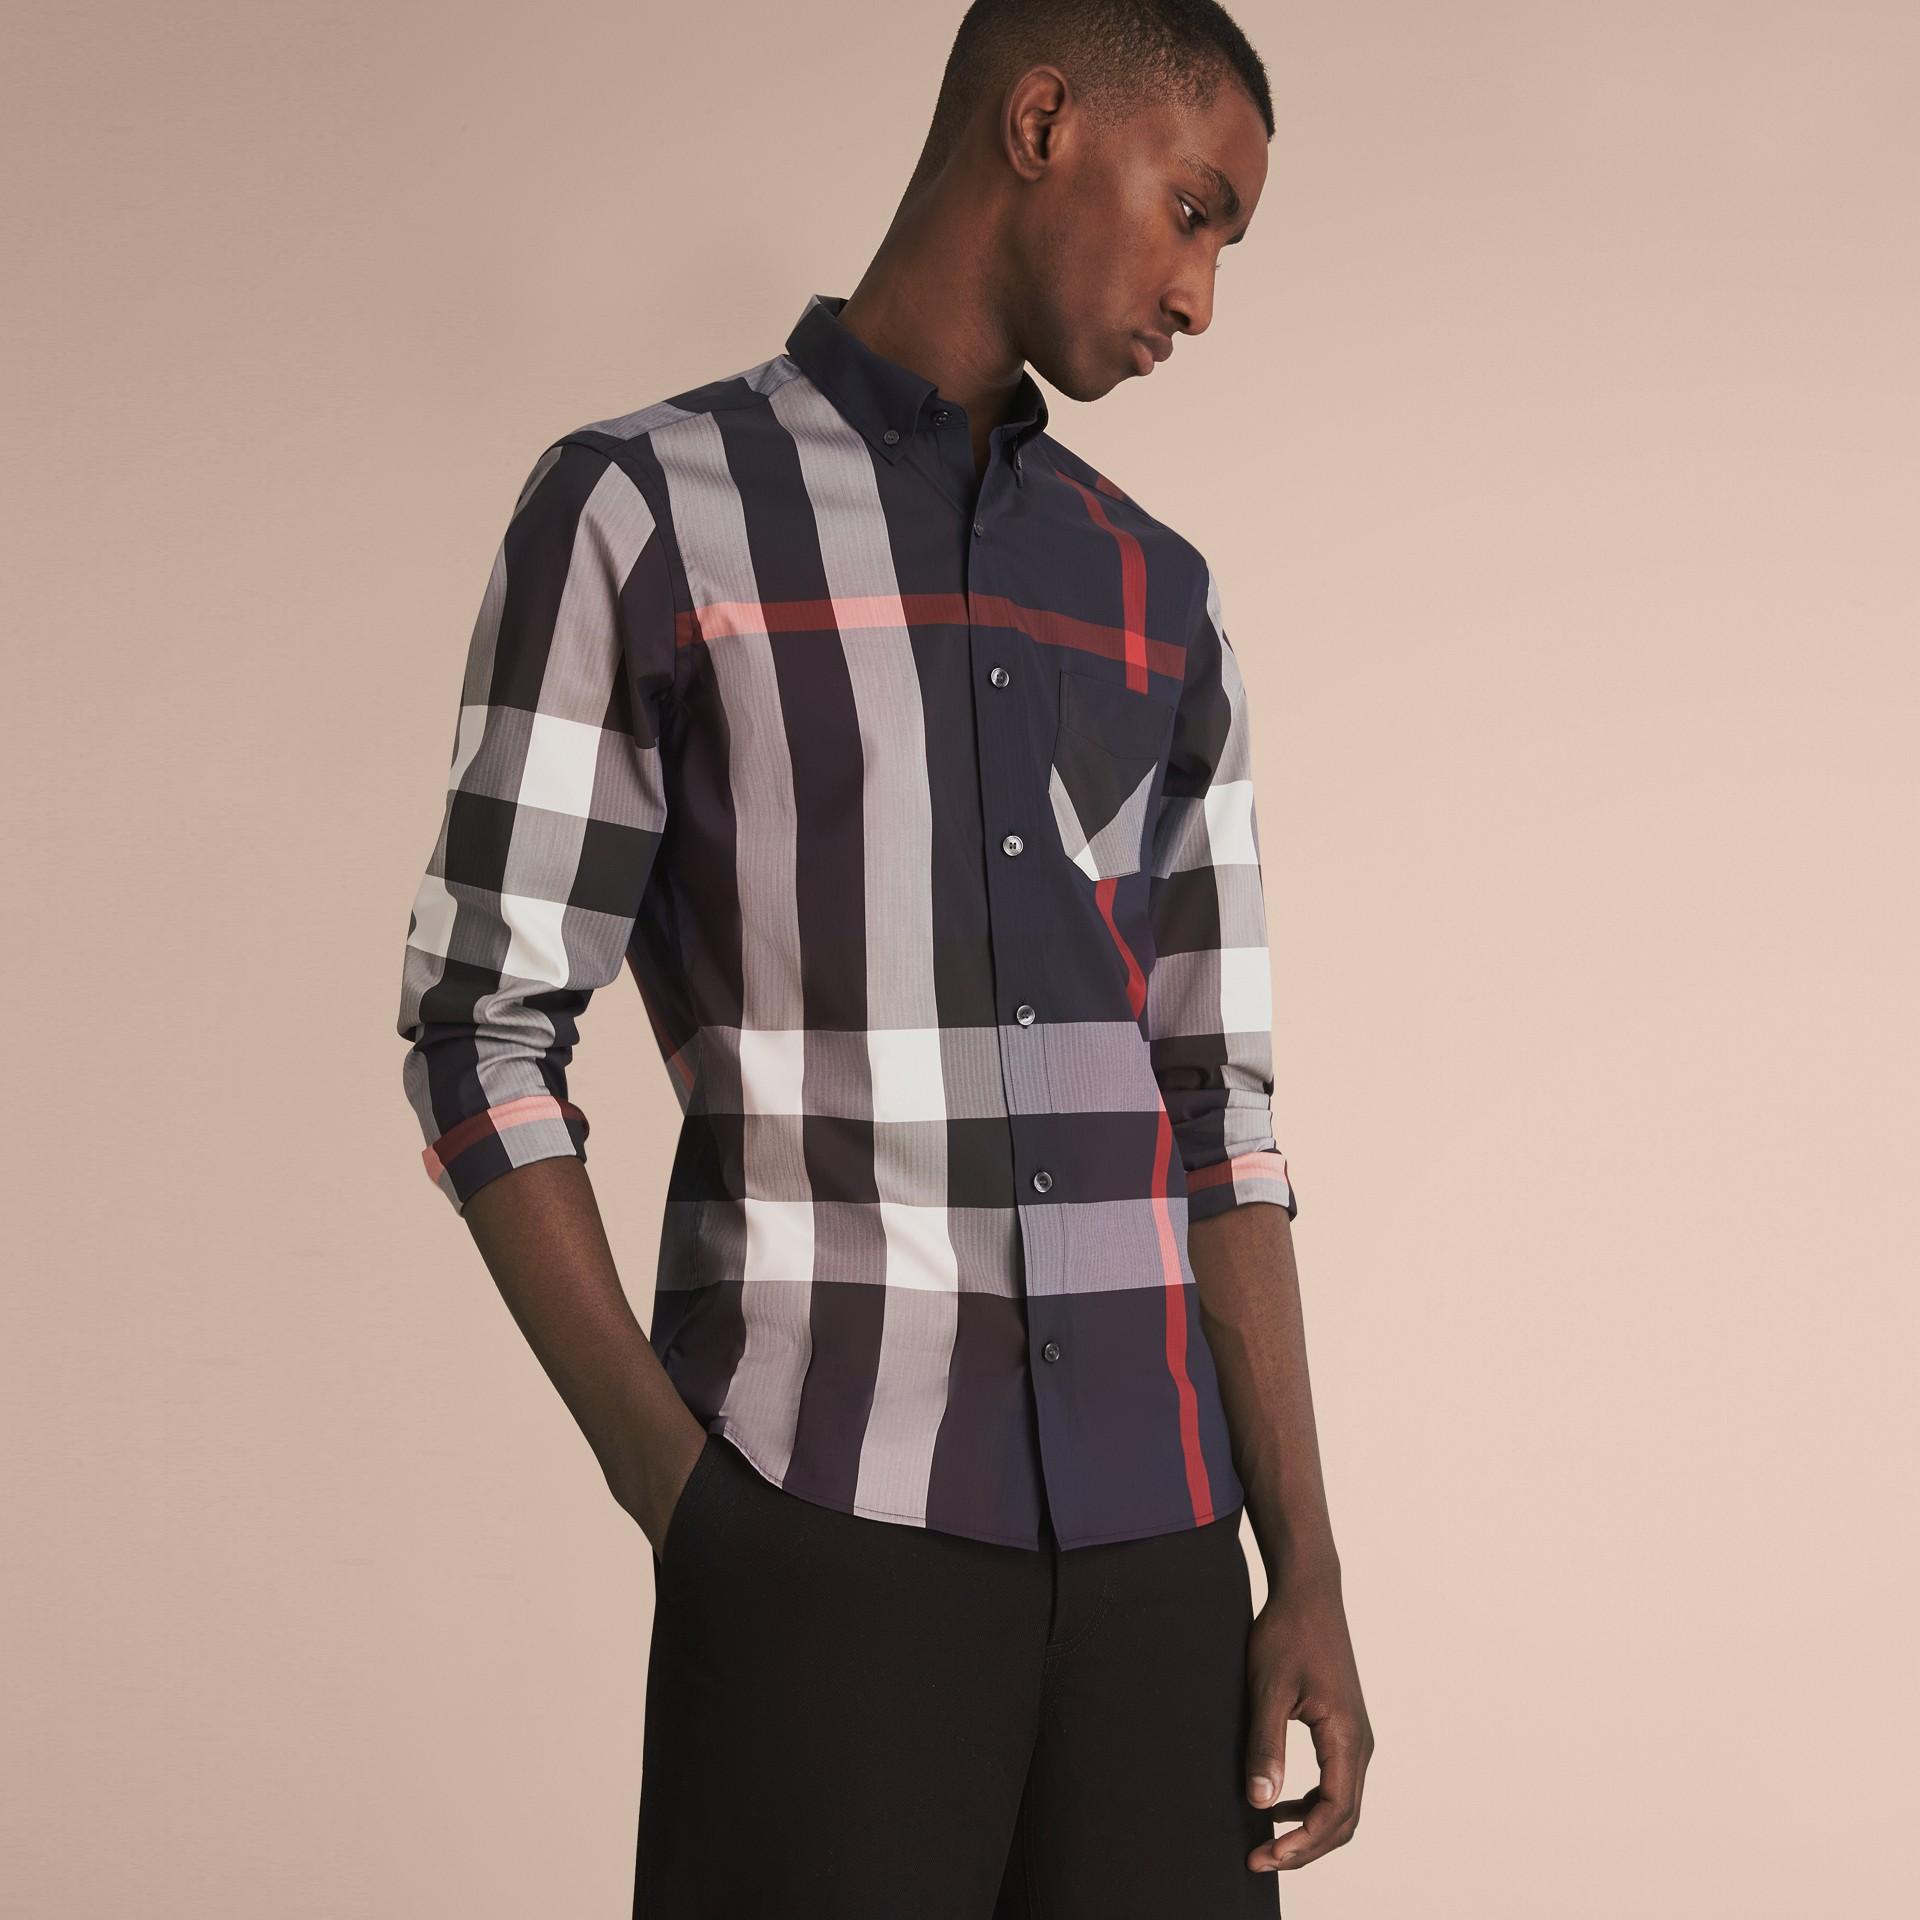 Hemd aus einer Stretchbaumwollmischung im Karodesign mit Button-down-Kragen (Marineblau) - Herren | Burberry - Galerie-Bild 6